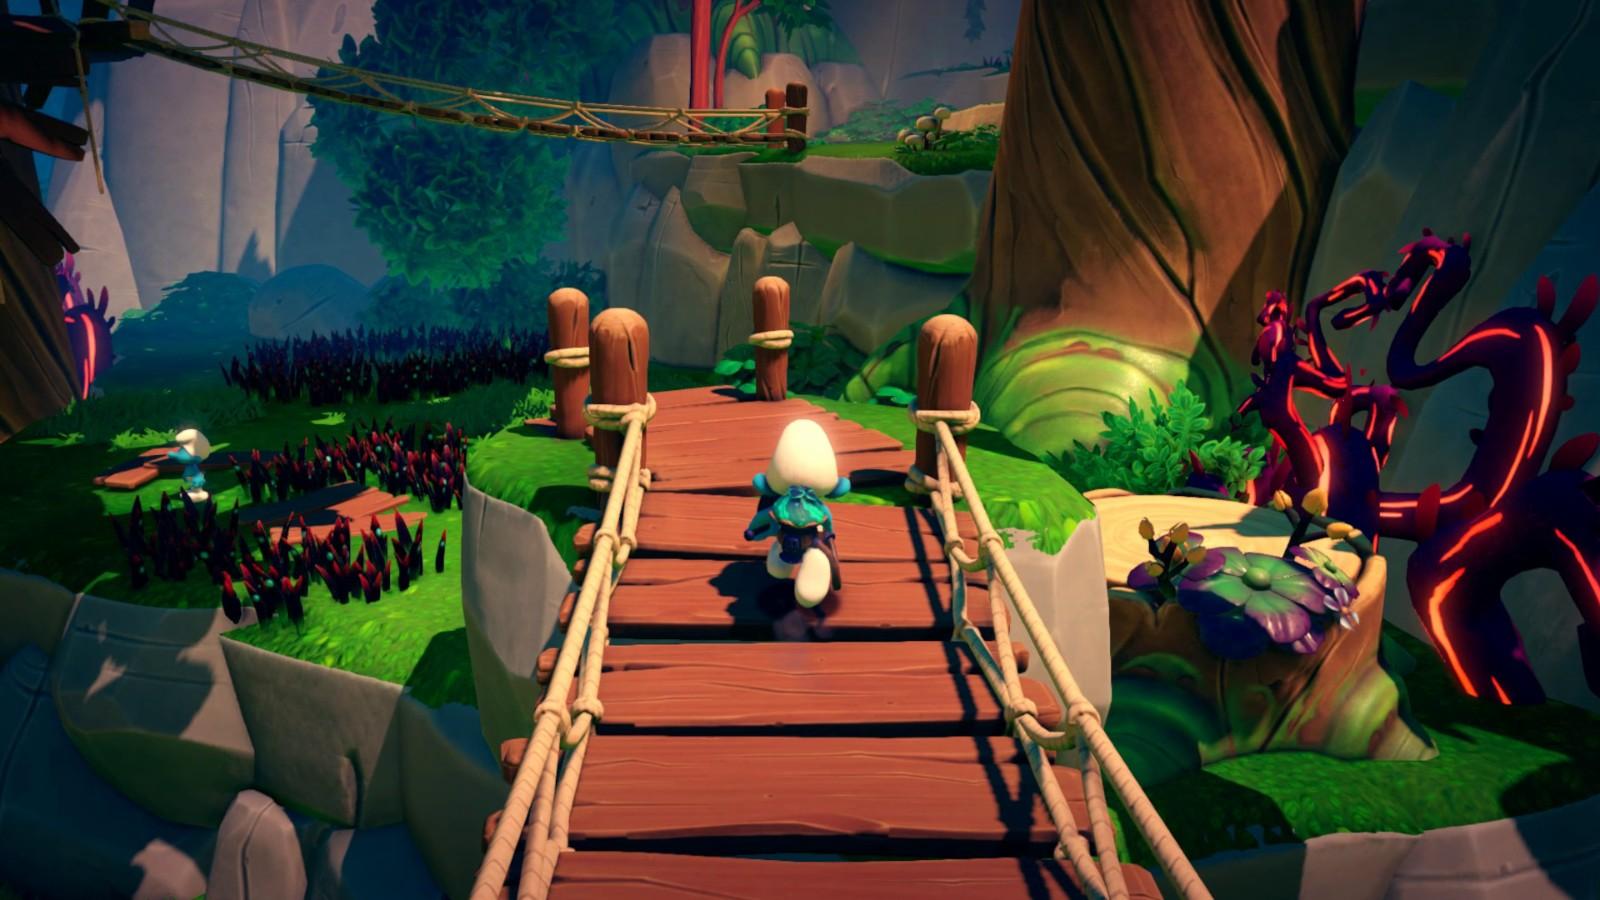 3D《蓝精灵》游戏正式登录主机